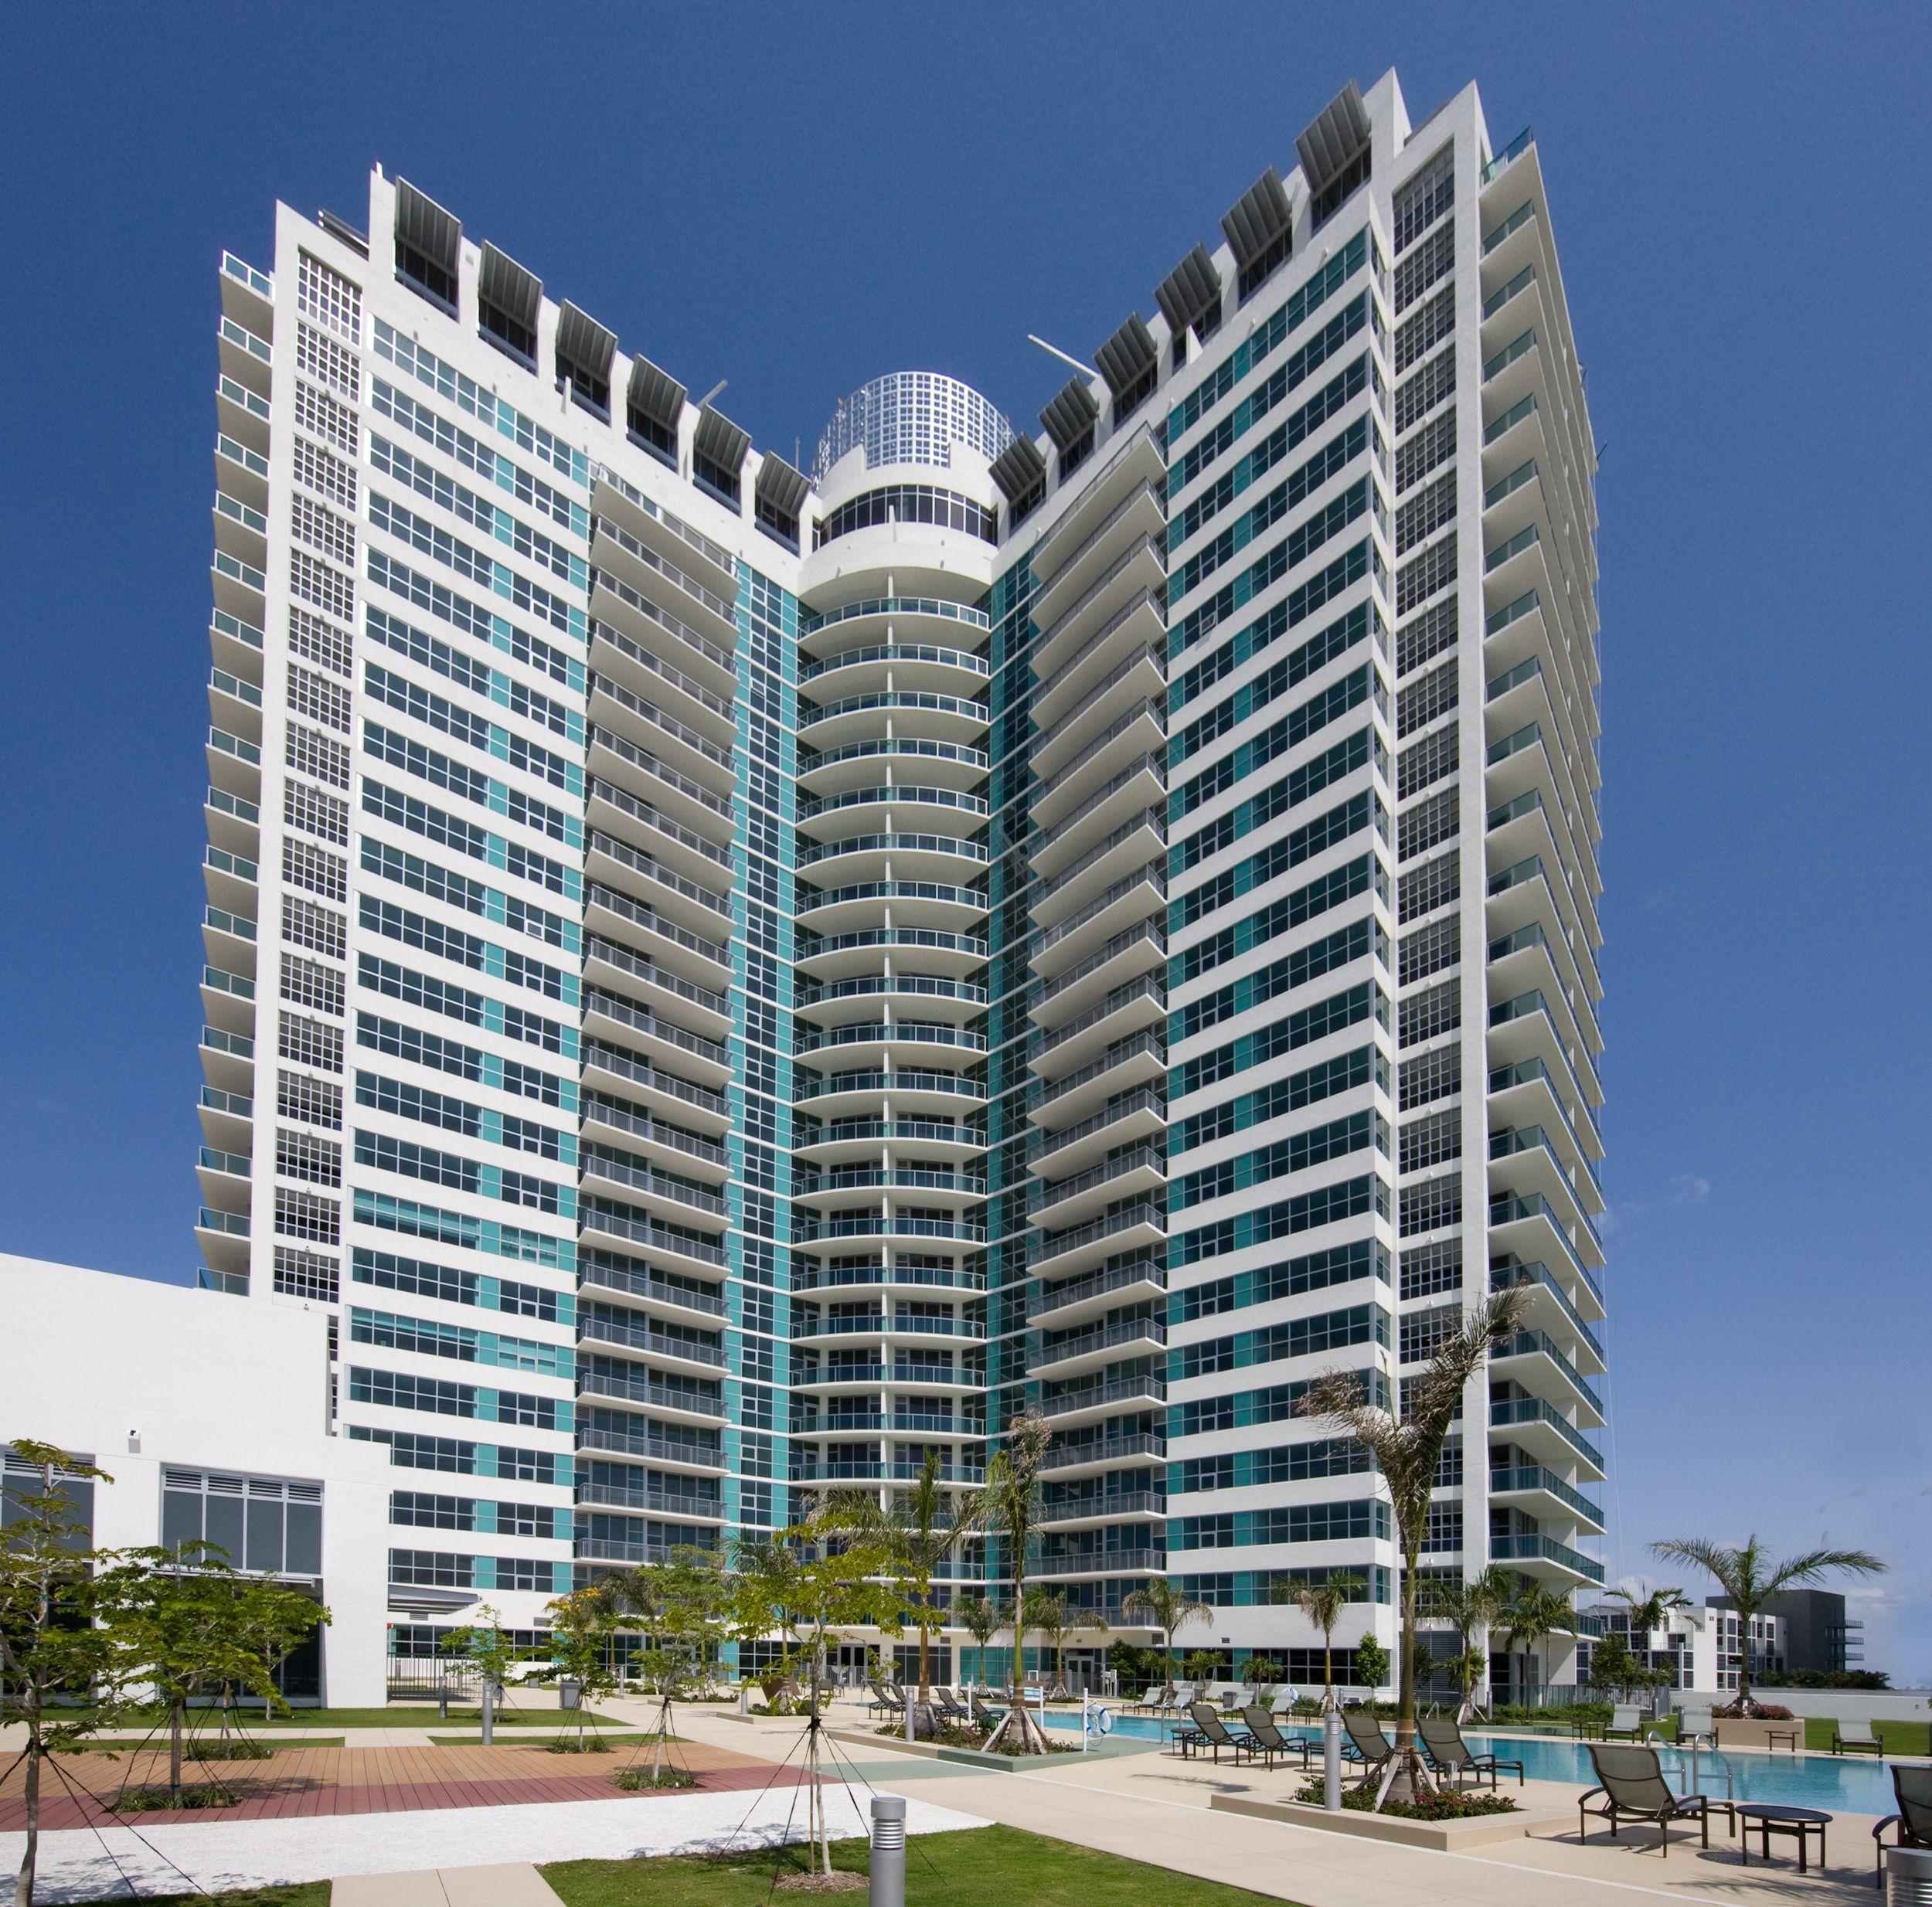 Midtown Miami Hot Deals From 484 900 321 Price Sq Ft Miami Real Estate Real Estate Skyscraper